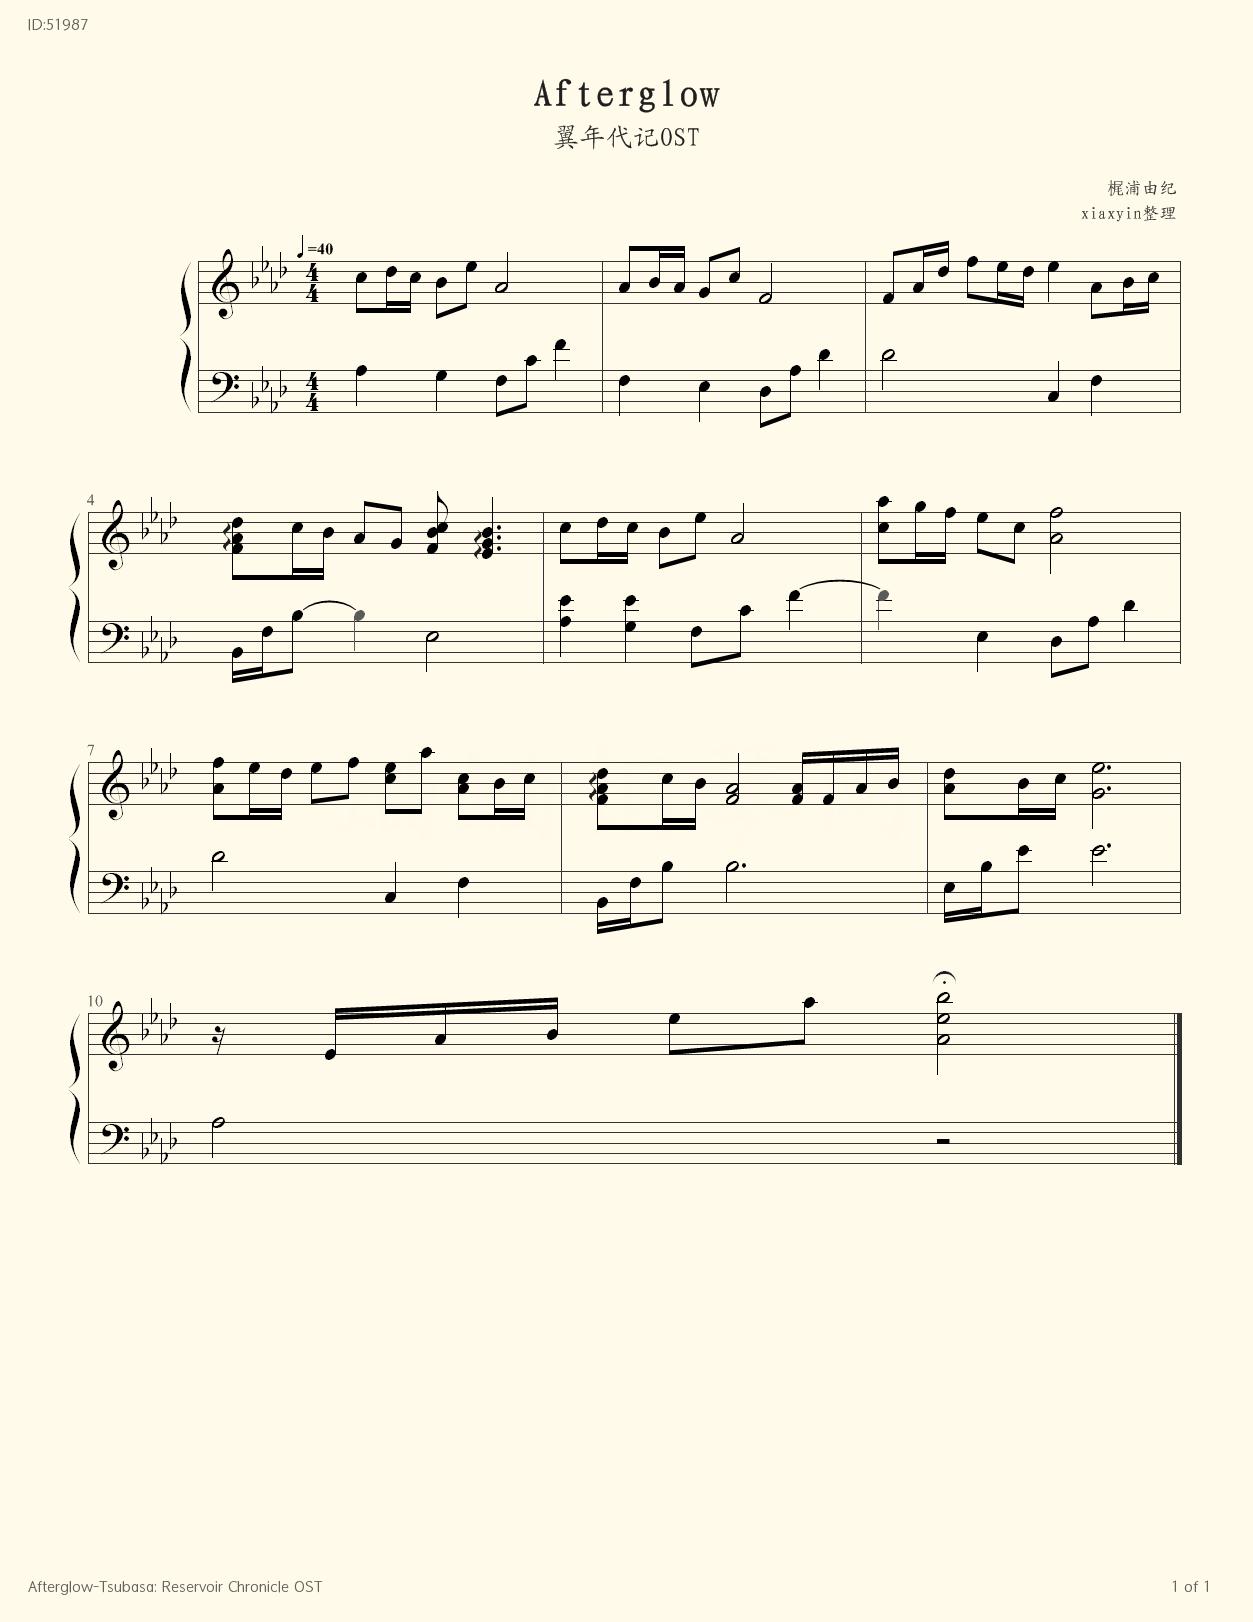 Afterglow Tsubasa Reservoir Chronicle OST - Yuki Kajiura - first page